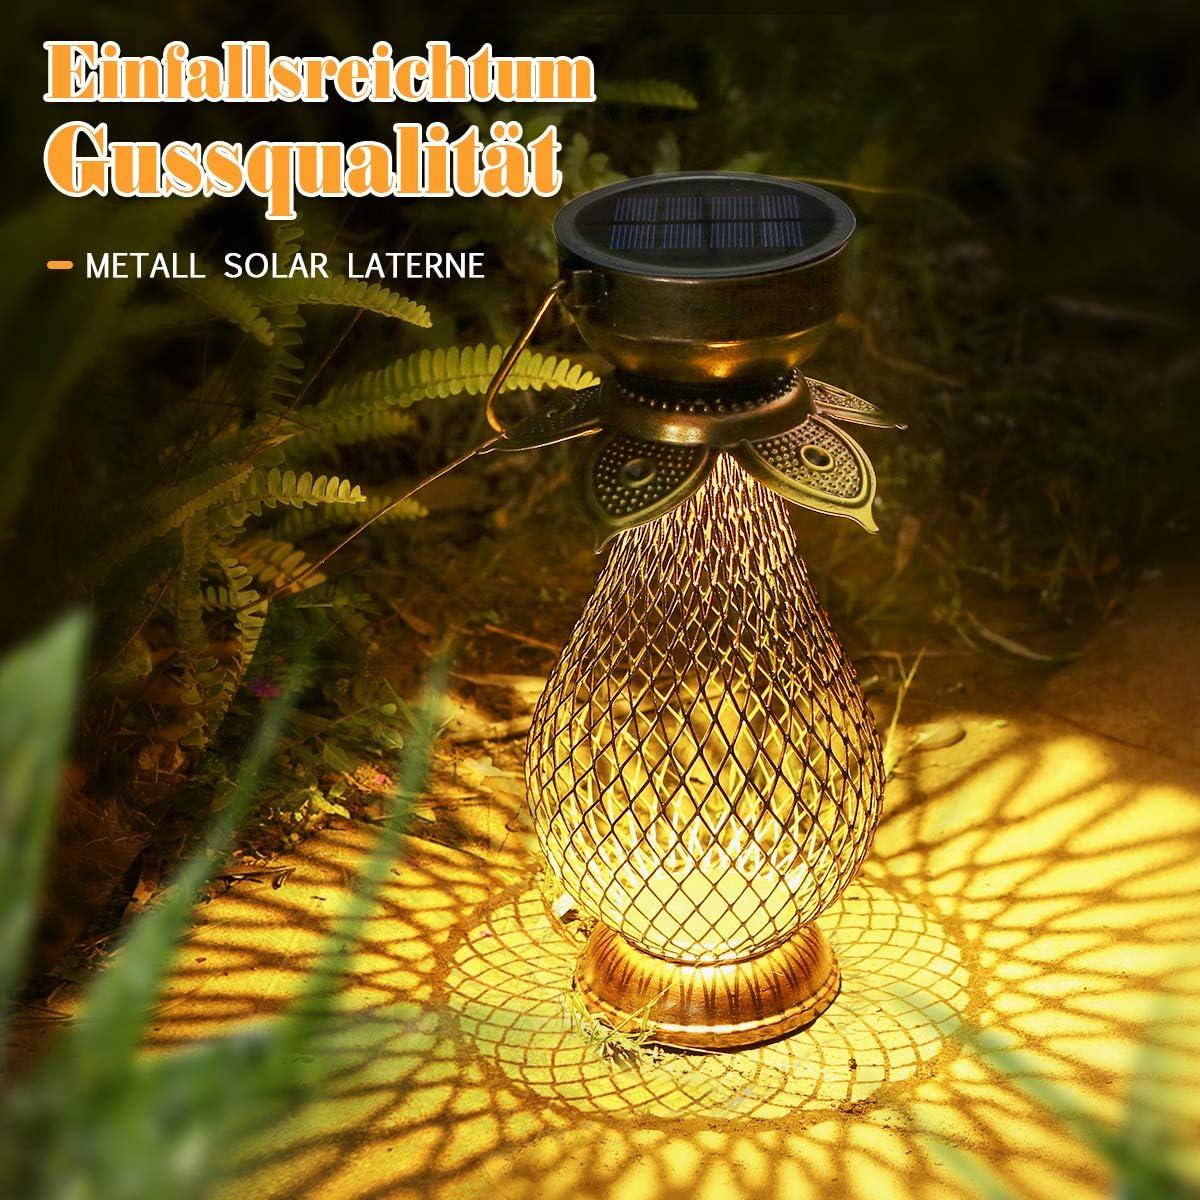 Metall Görvitor LED Retro Handgemachtl Solarleuchte Garten Solarlaterne H/ängende mit IP44 Wasserdicht Solar Tischleuchte als Deko Solar Laterne f/ür Au/ßen